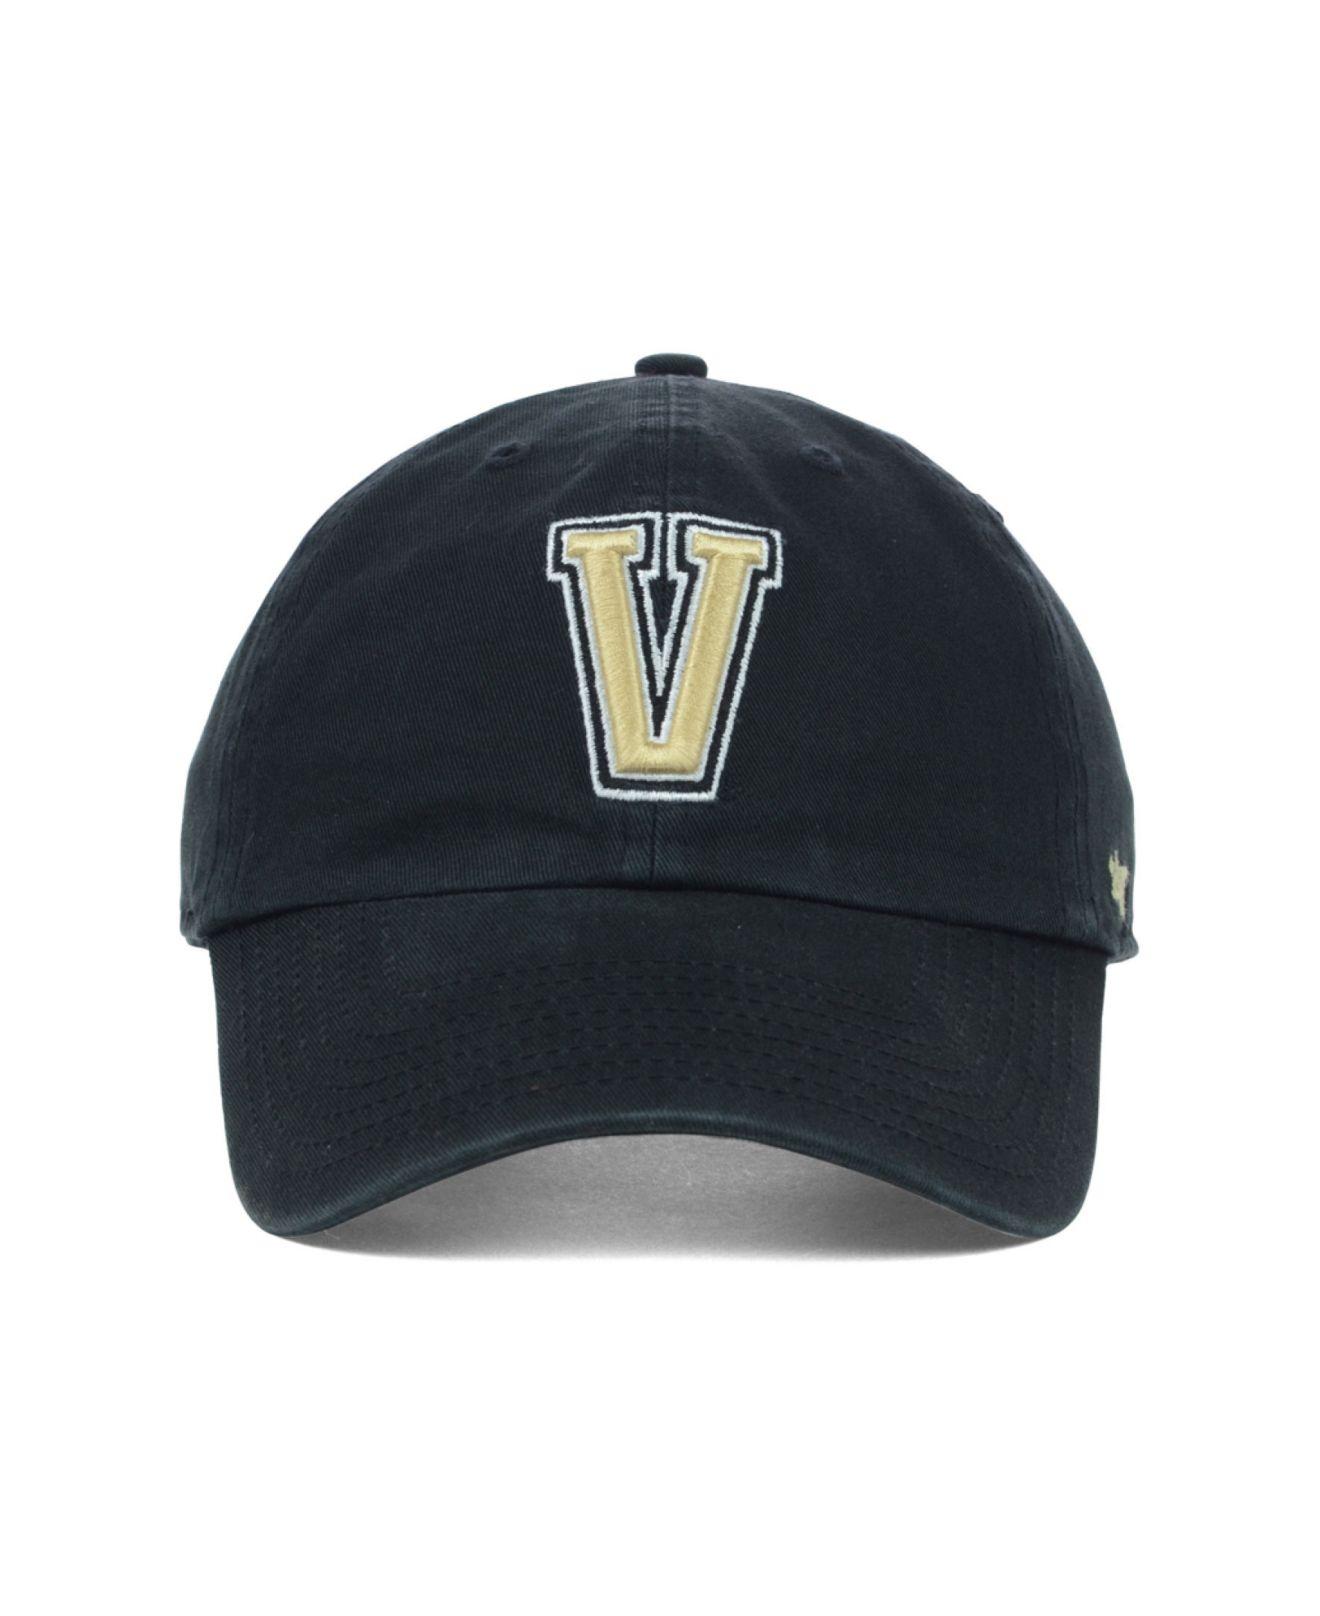 Lyst - 47 Brand Vanderbilt Commodores Clean-Up Cap in Black for Men ee549659882c